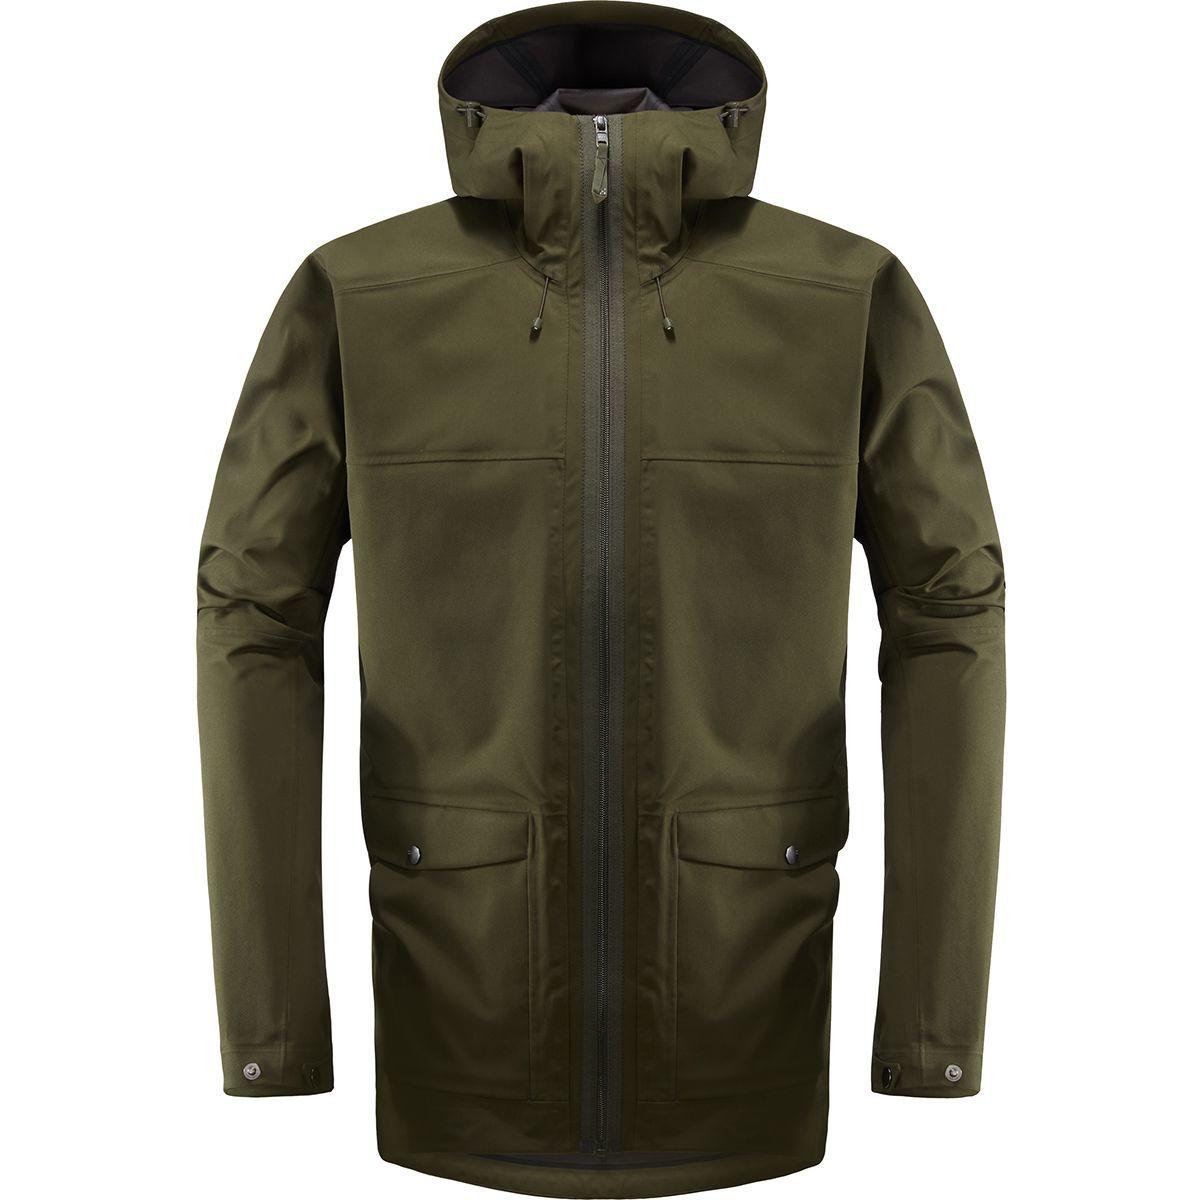 Haglofs Eco Proof Jacket - Men's